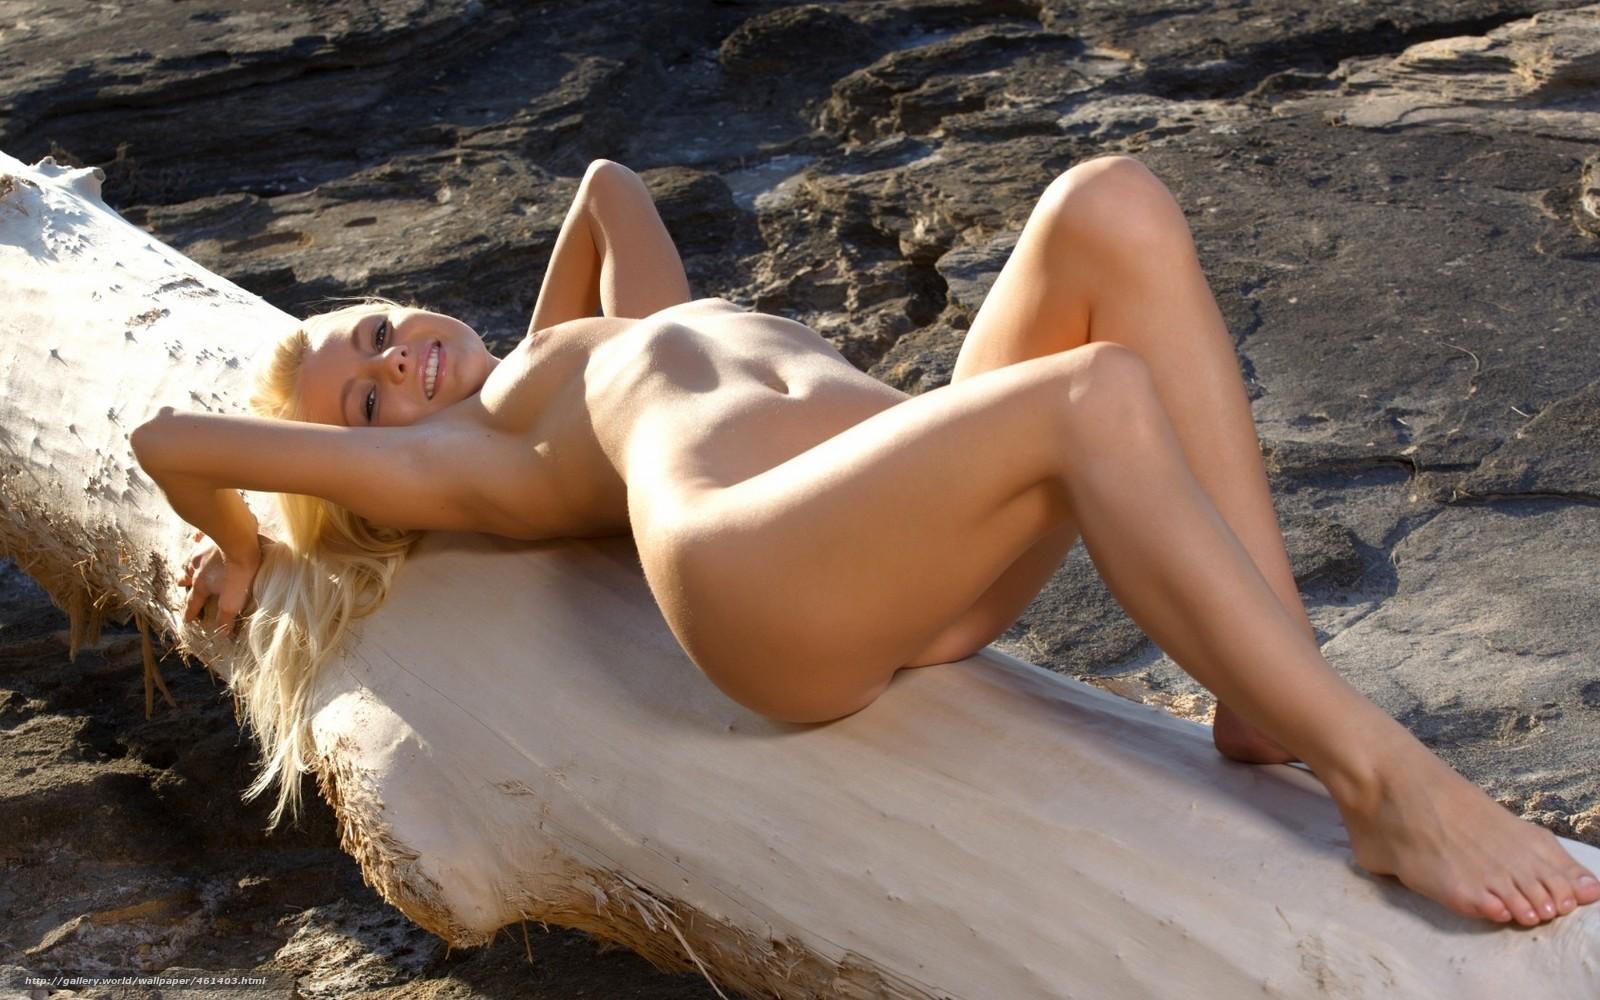 Фото блондинка на безлюдном пляже голая в масле 19 фотография